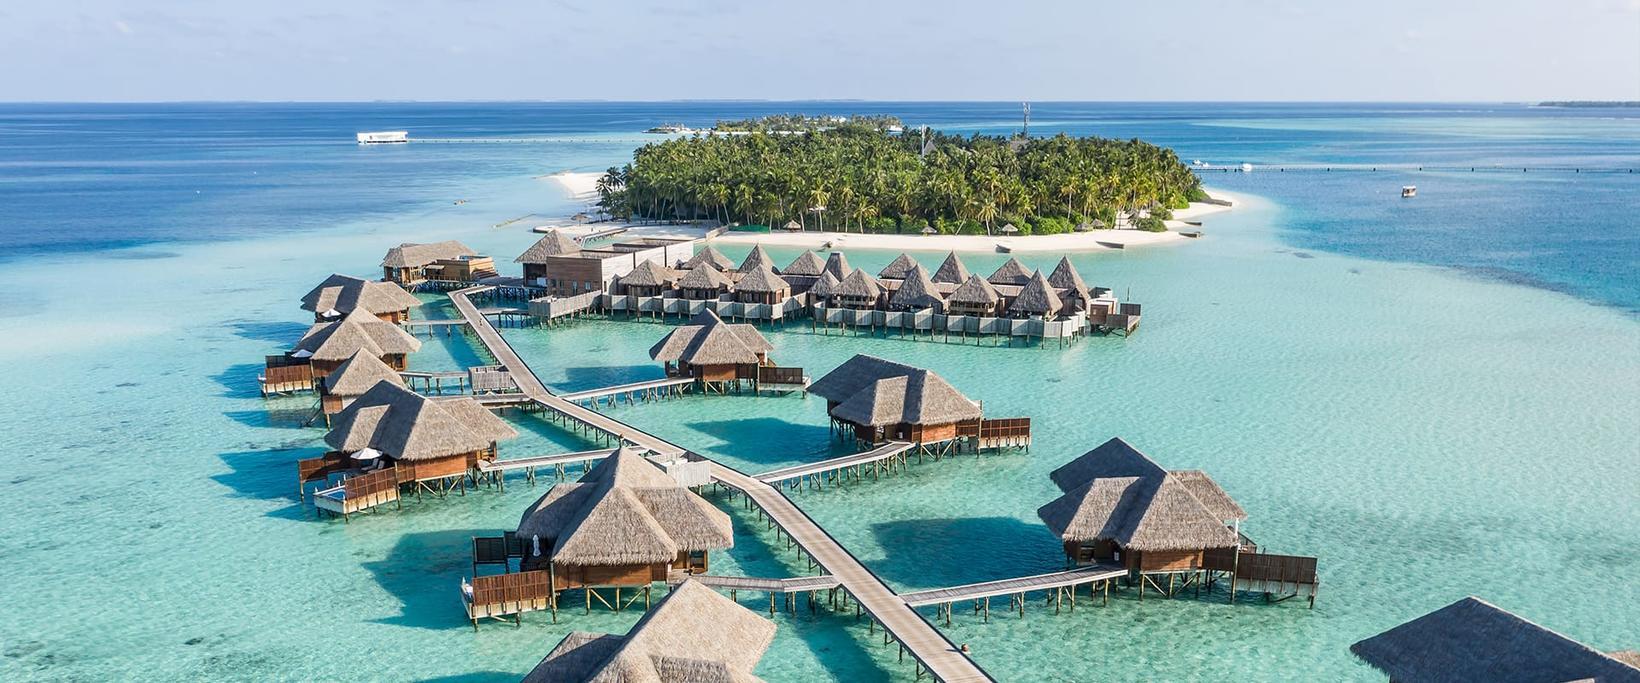 Hér má sjá Conrad-hotel á Maldíveyjum.